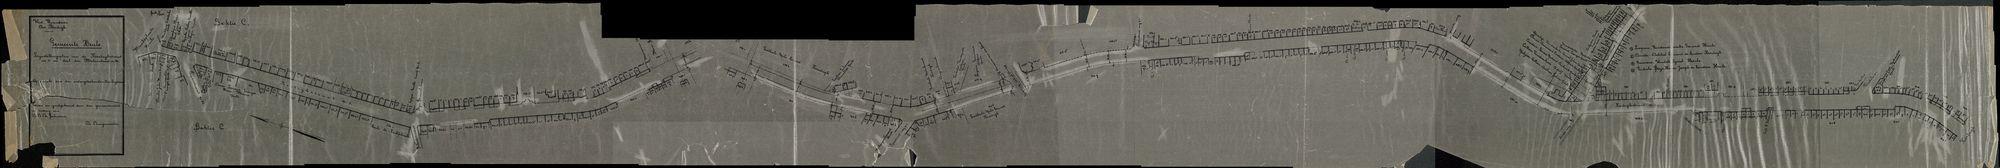 Plan van de Kortrijksestraat en een deel van de Molenstraat in Heule, 2de helft 20ste eeuw